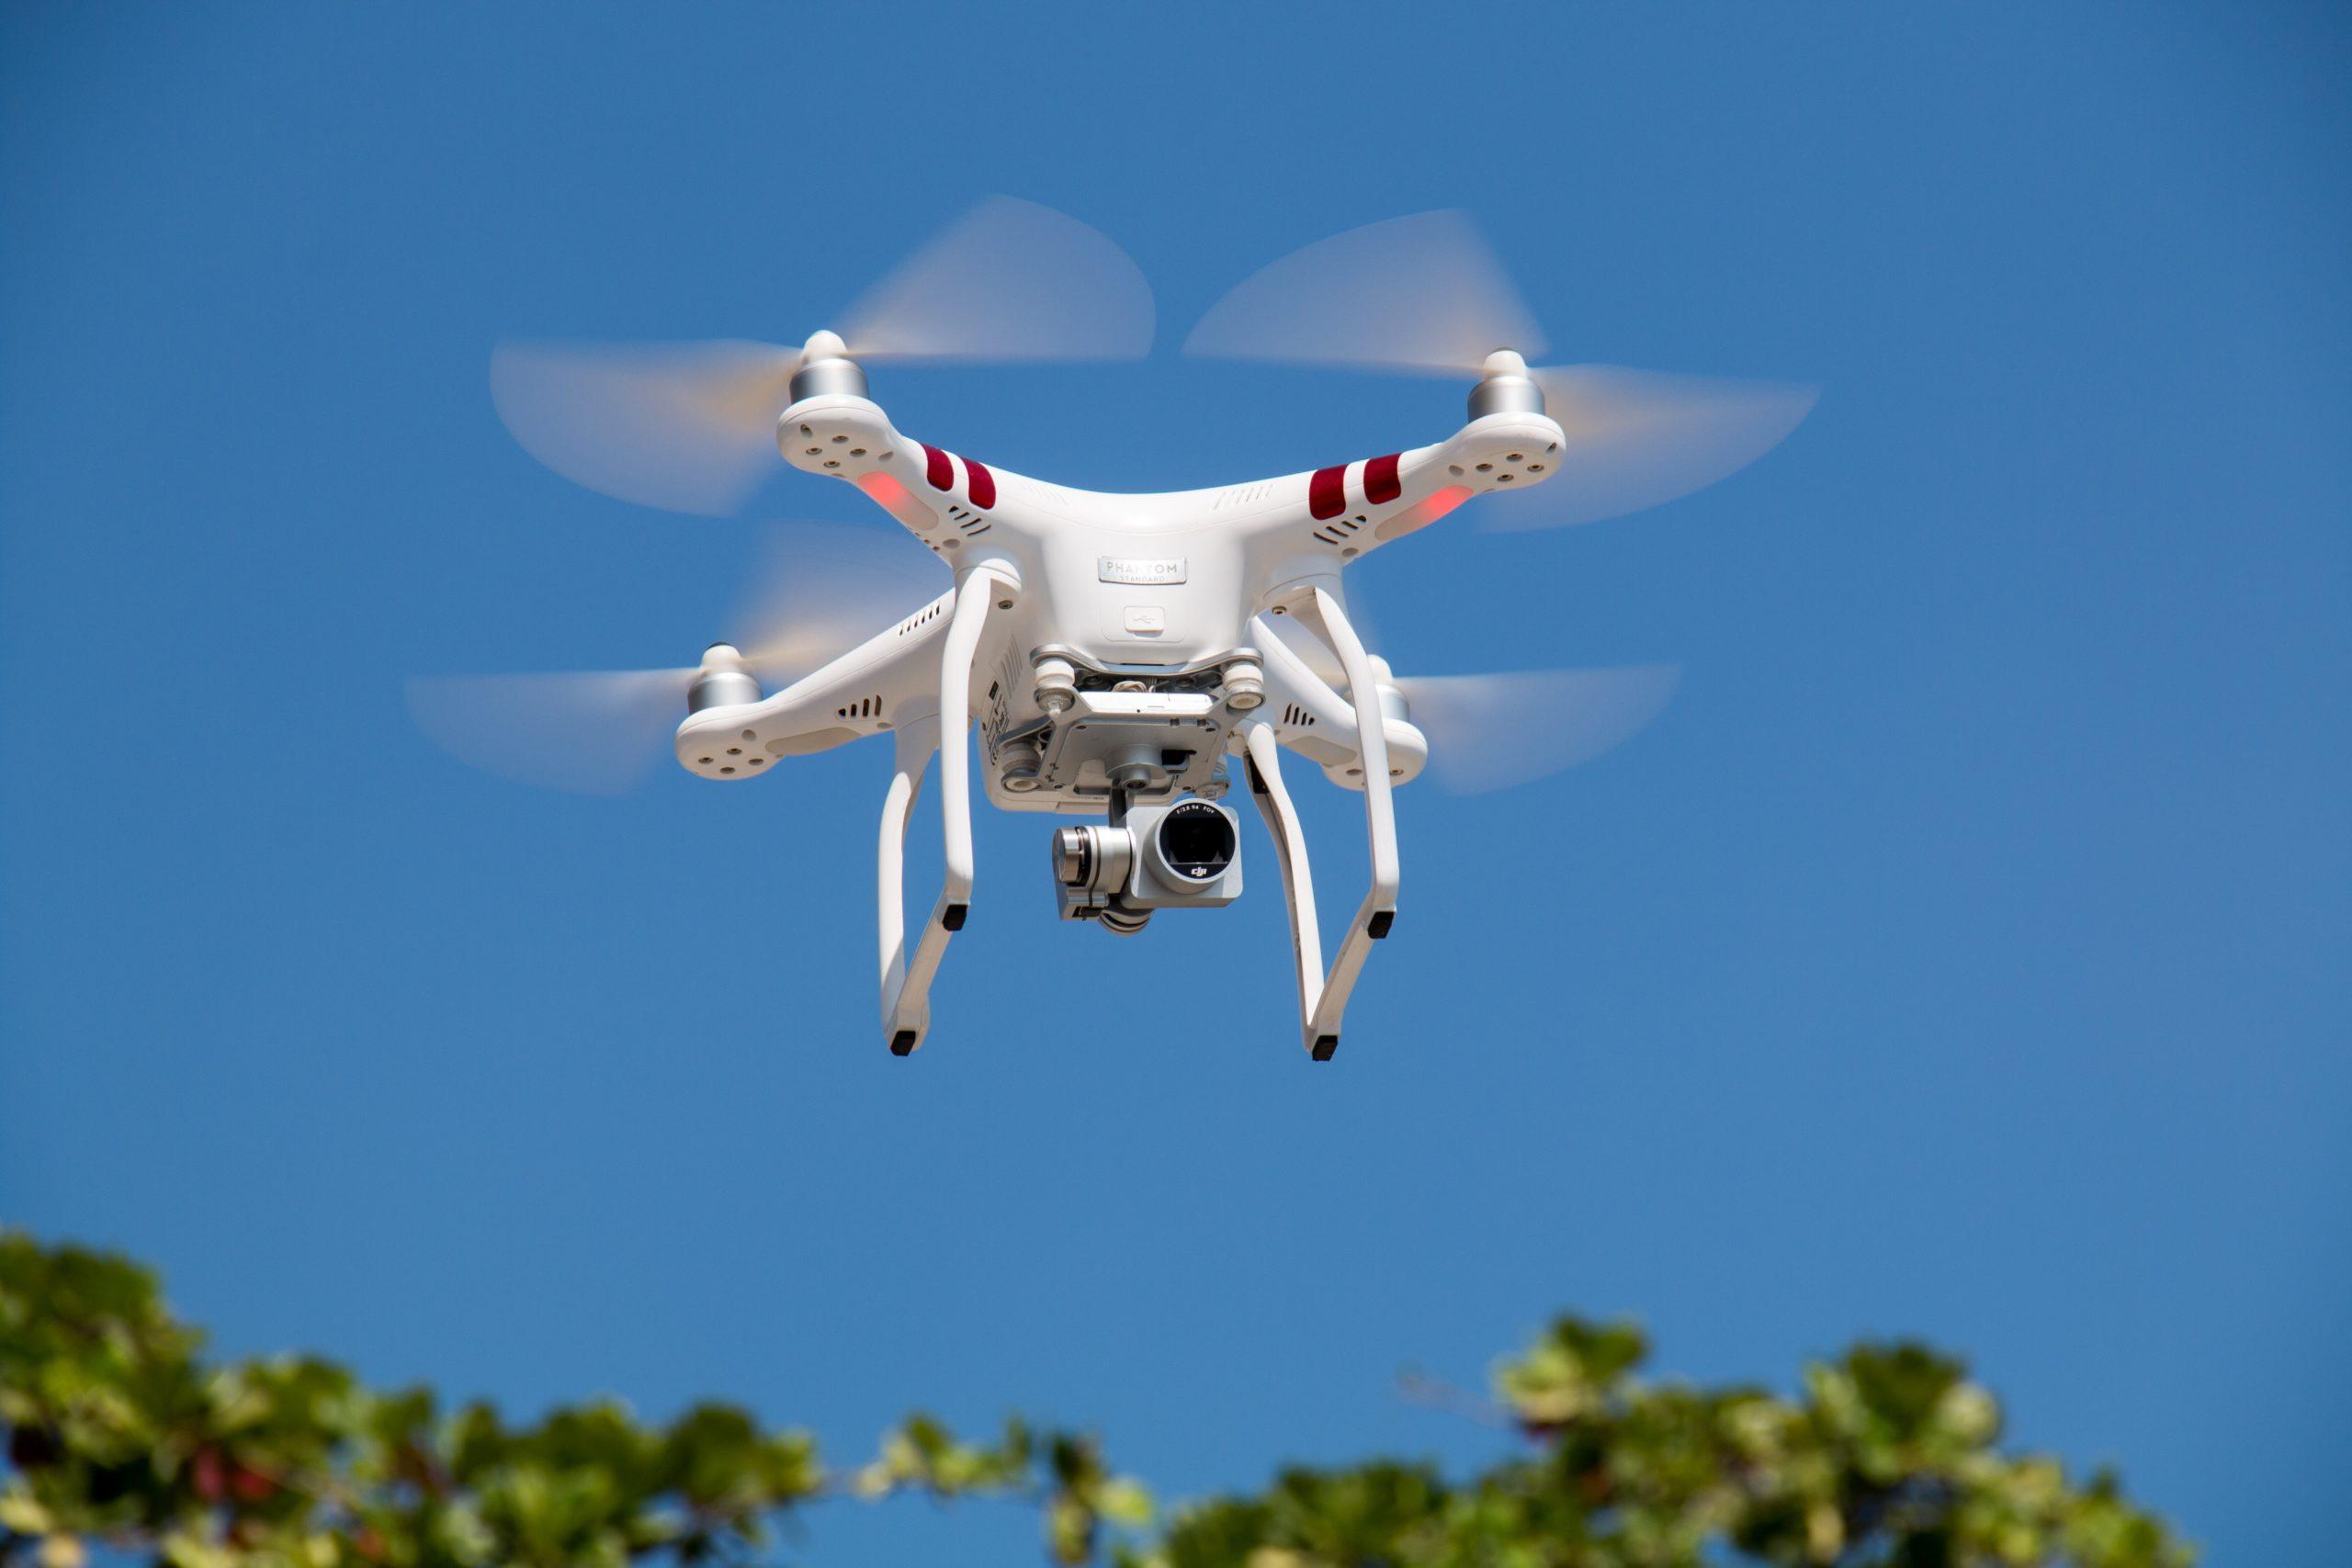 Los pilotos de drones ya pueden solicitar la conversión de su licencia al nuevo marco normativo europeo